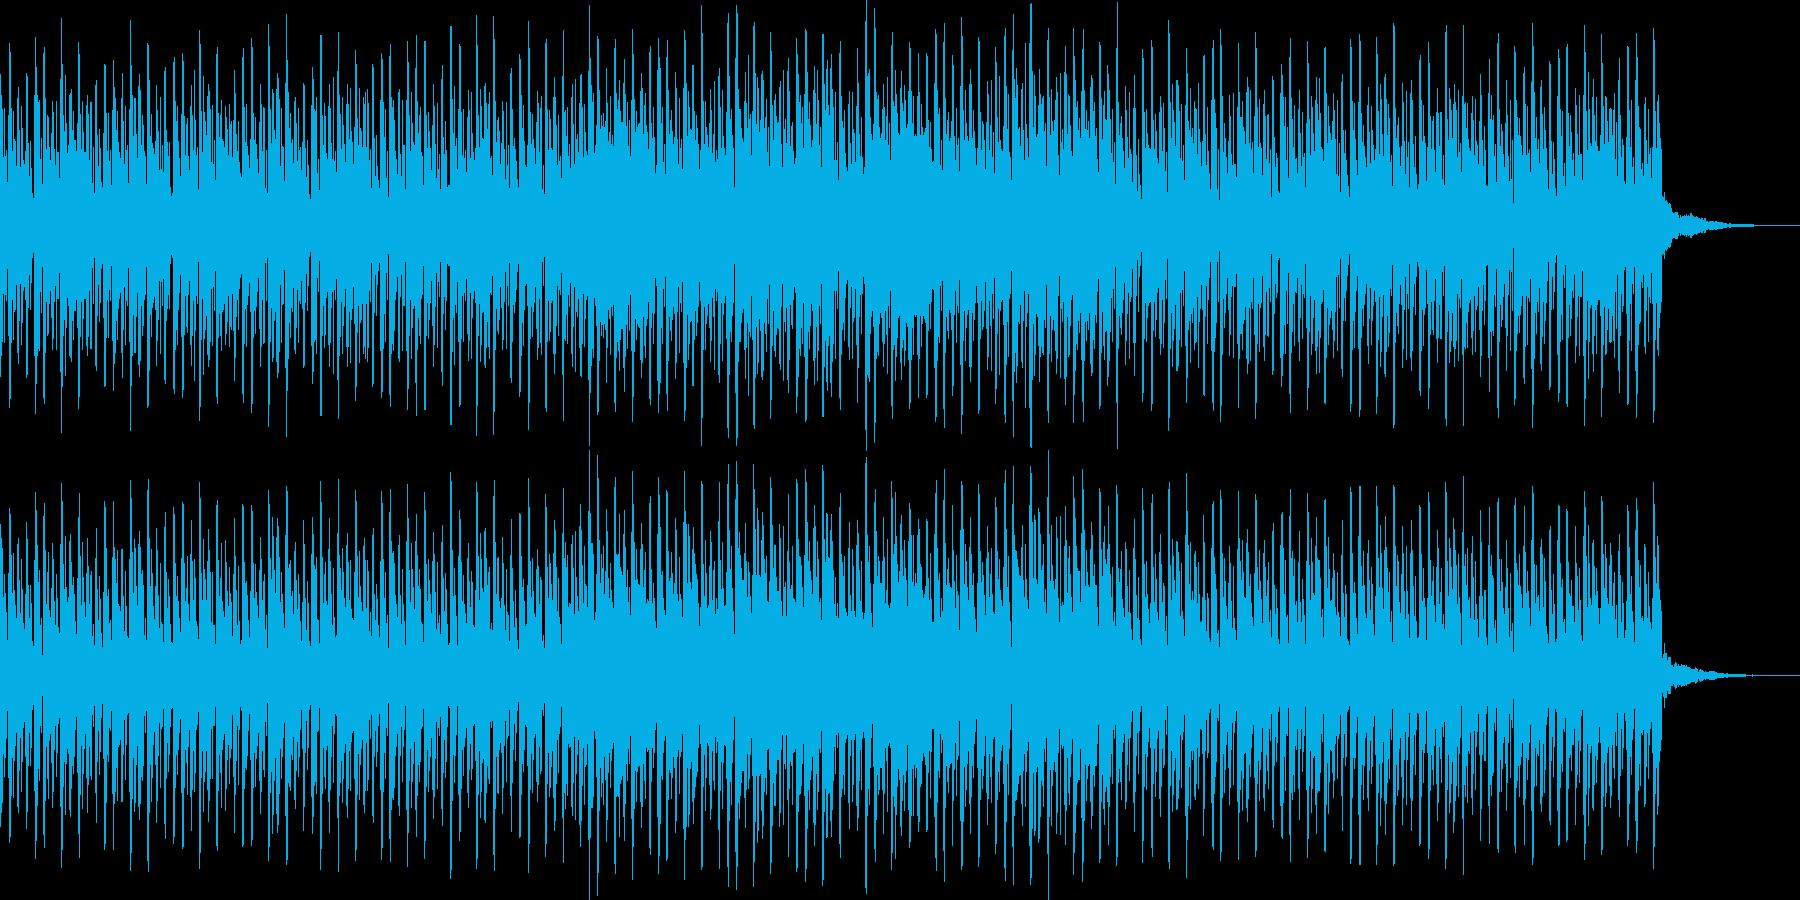 明るくパレードのようなシンセサウンドの再生済みの波形